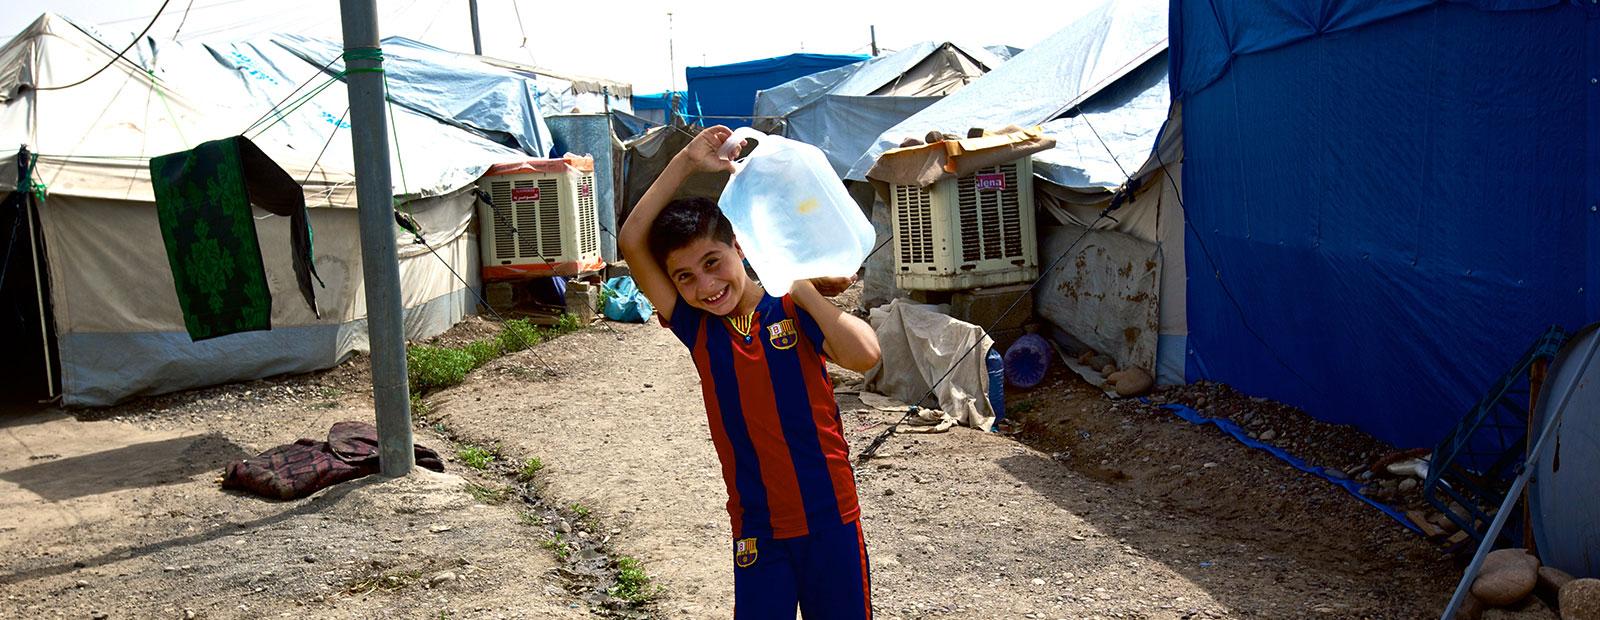 a boy with jerrycan at Cholera Yemen